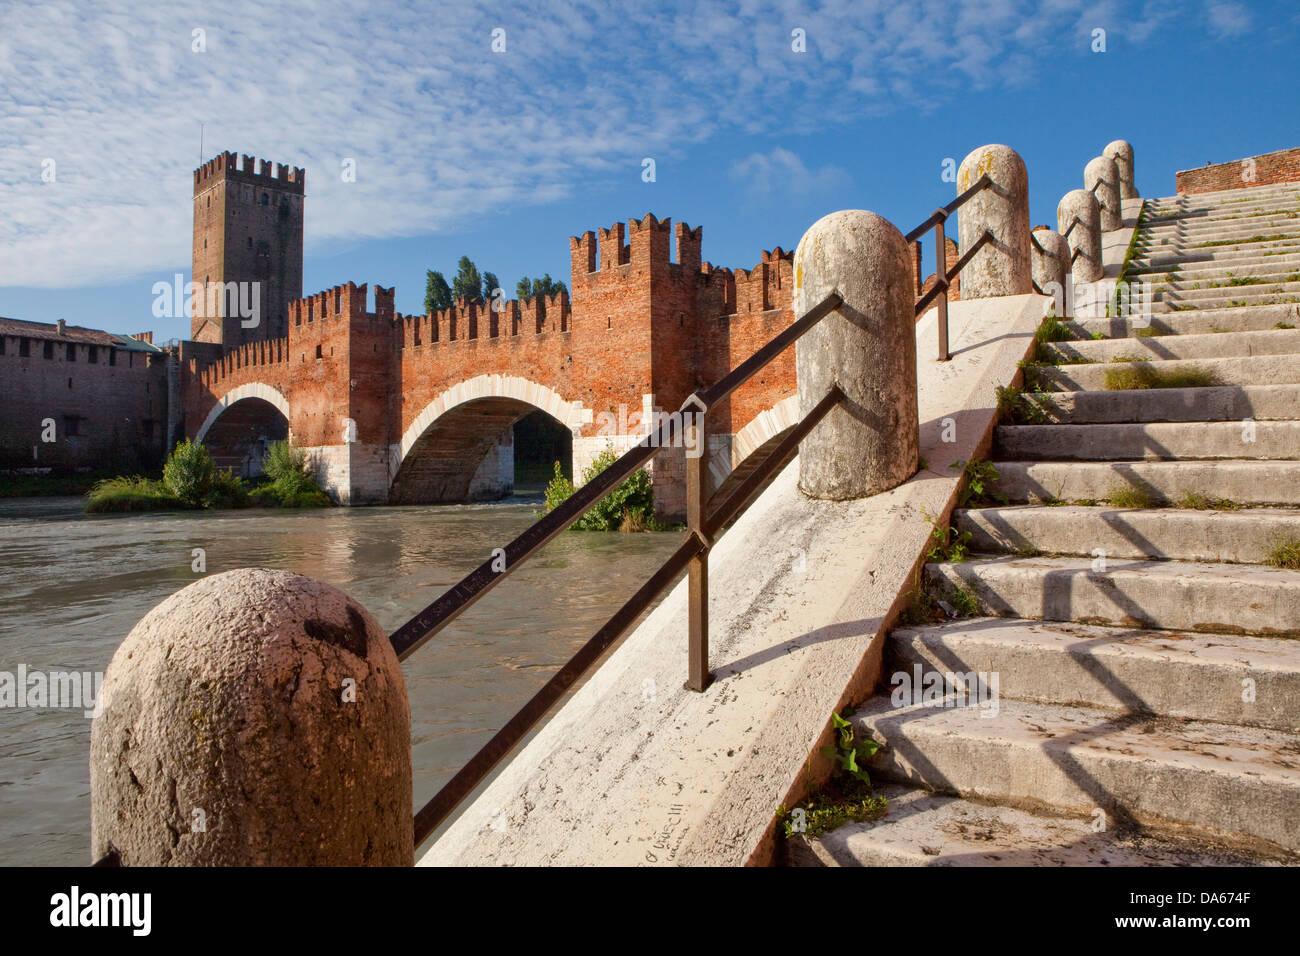 Castelveccio, Ponte Scaligero, Verona, Adige, panorama, town, city, Italy, Europe, bridge, fort, stair - Stock Image